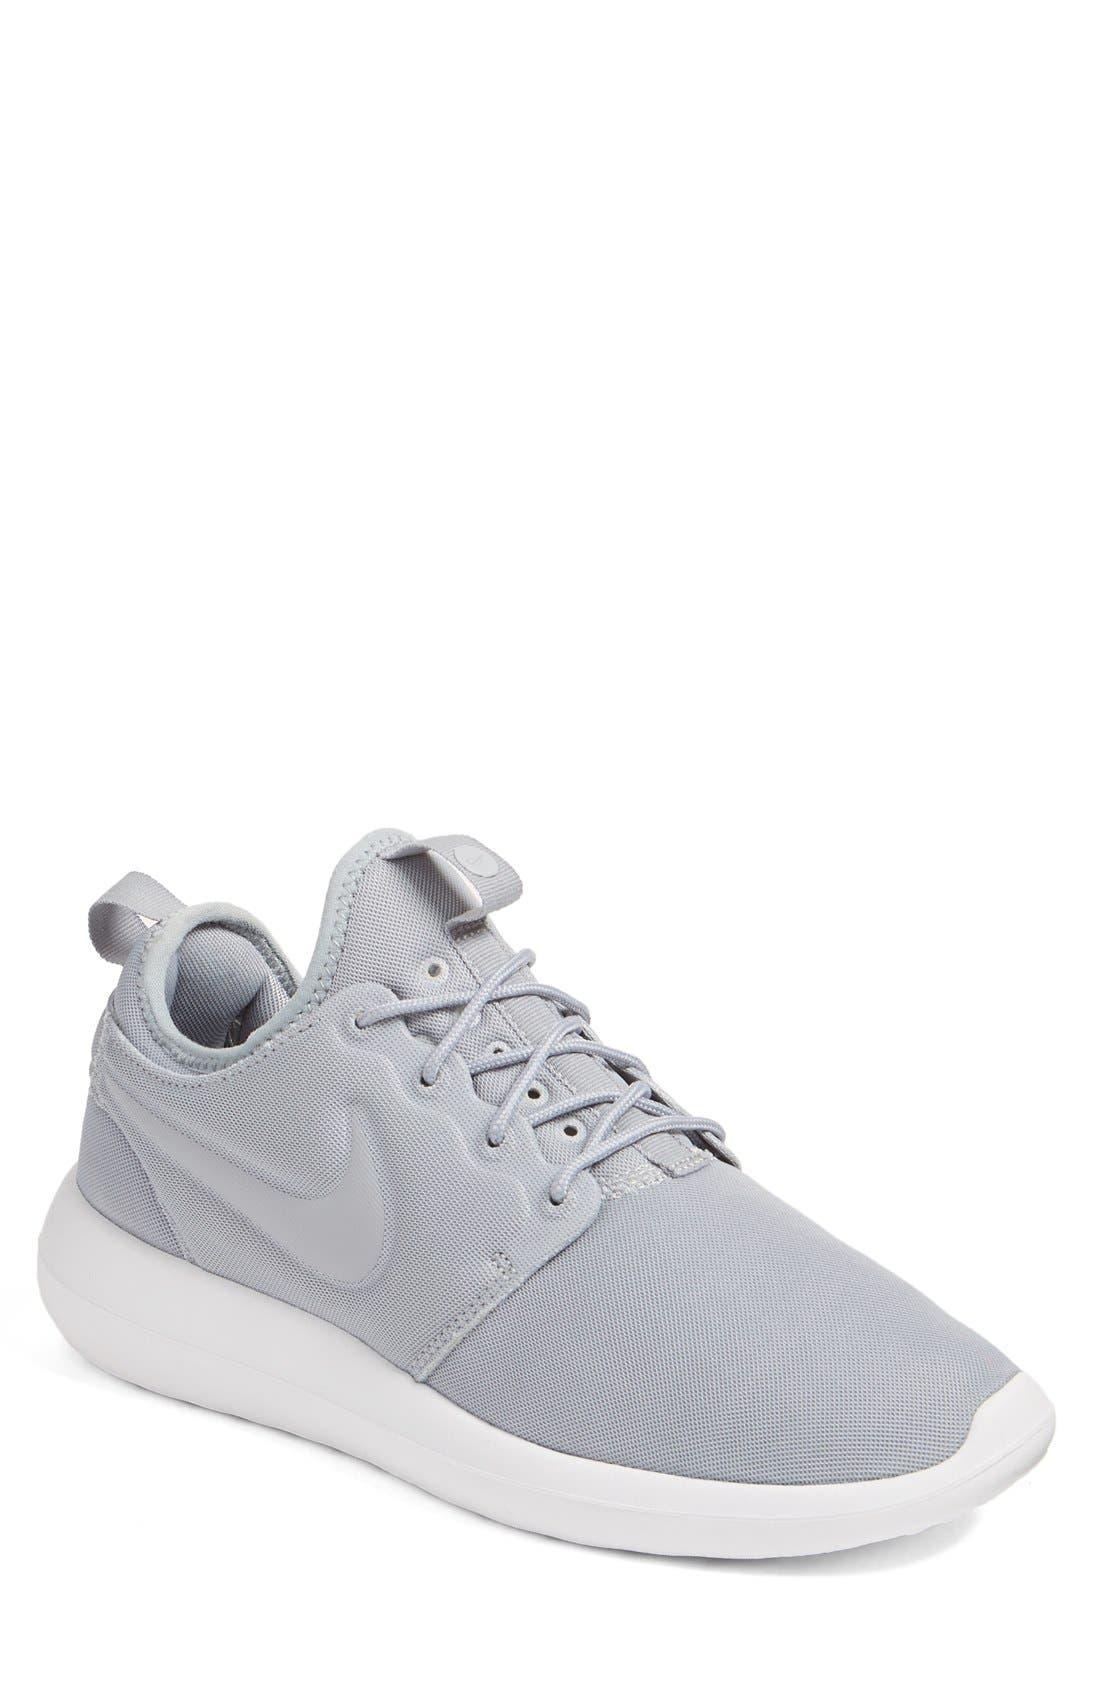 Main Image - Nike Roshe Two Sneaker (Women)